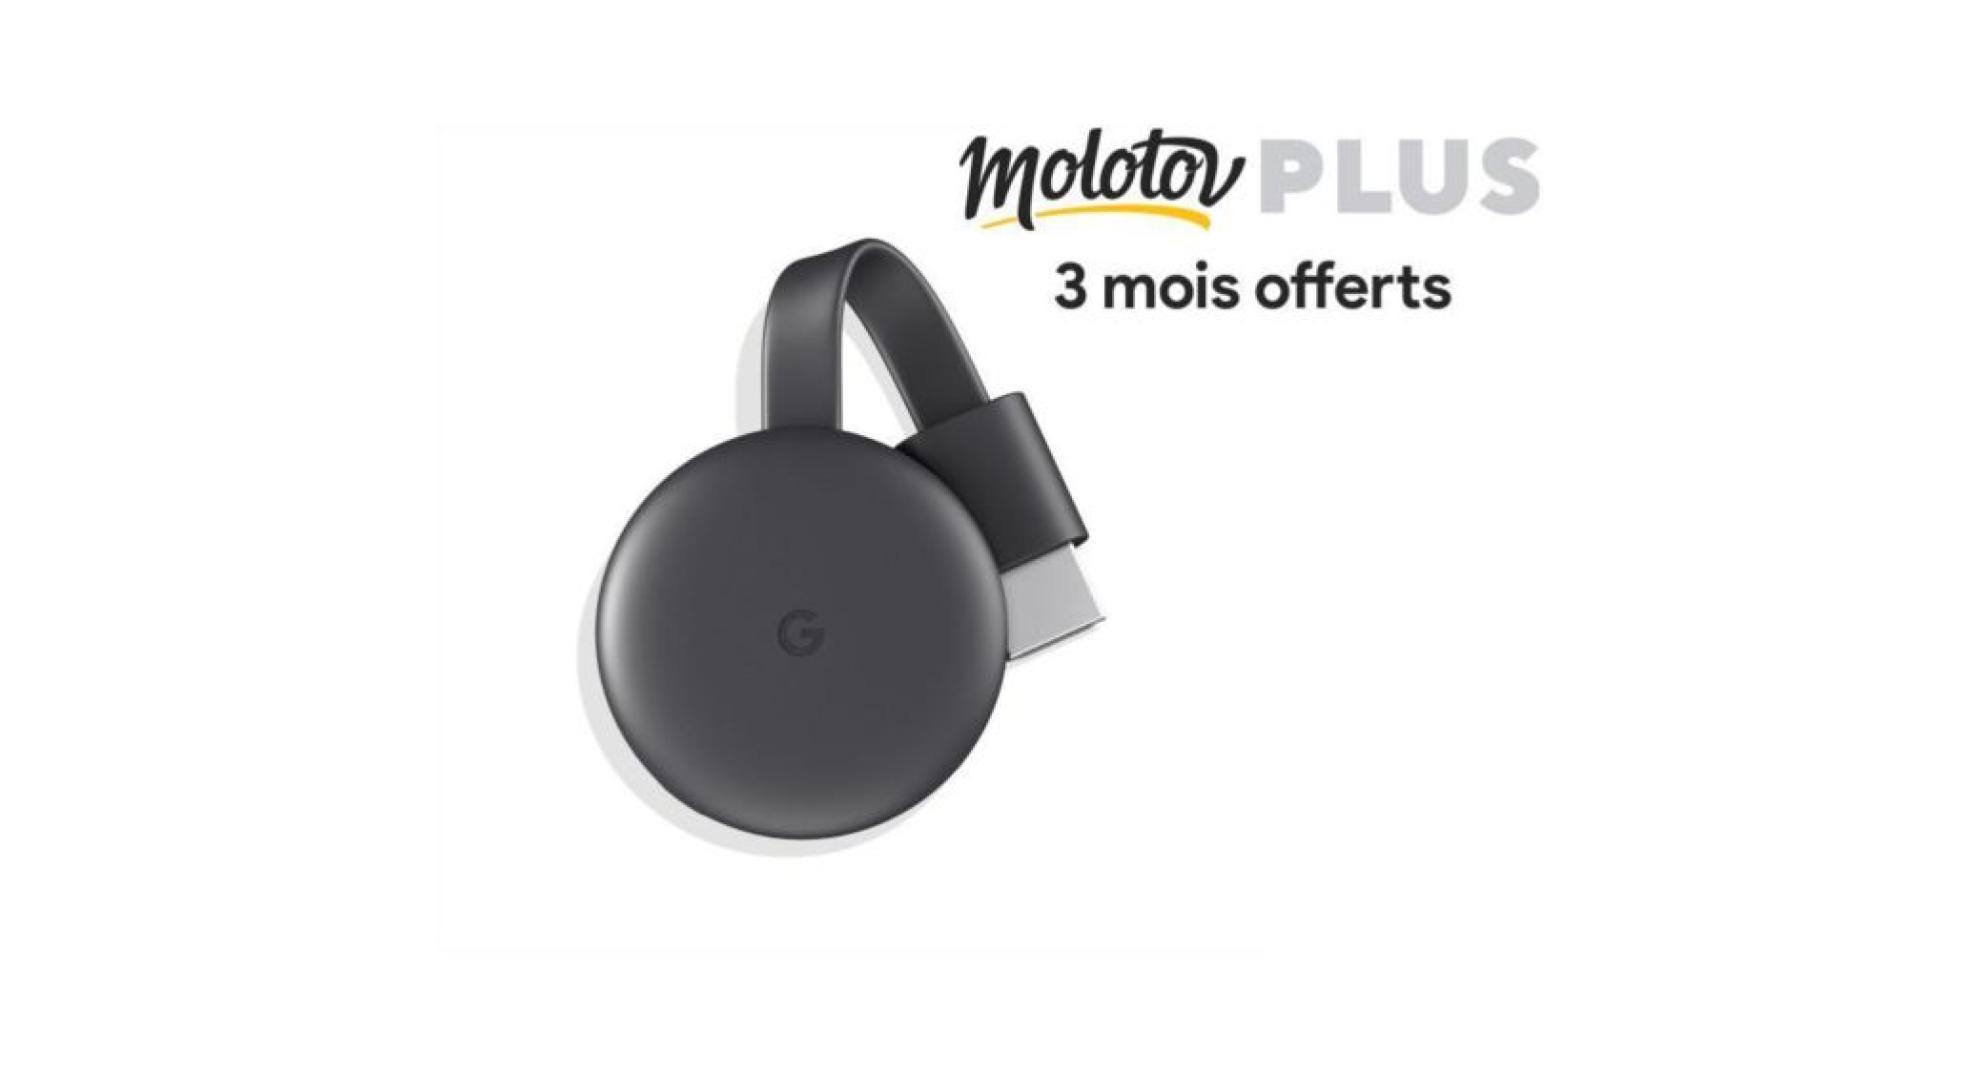 🔥 Bon plan : le Chromecast 3 à 34 euros avec 3 mois offerts à Molotov TV Plus